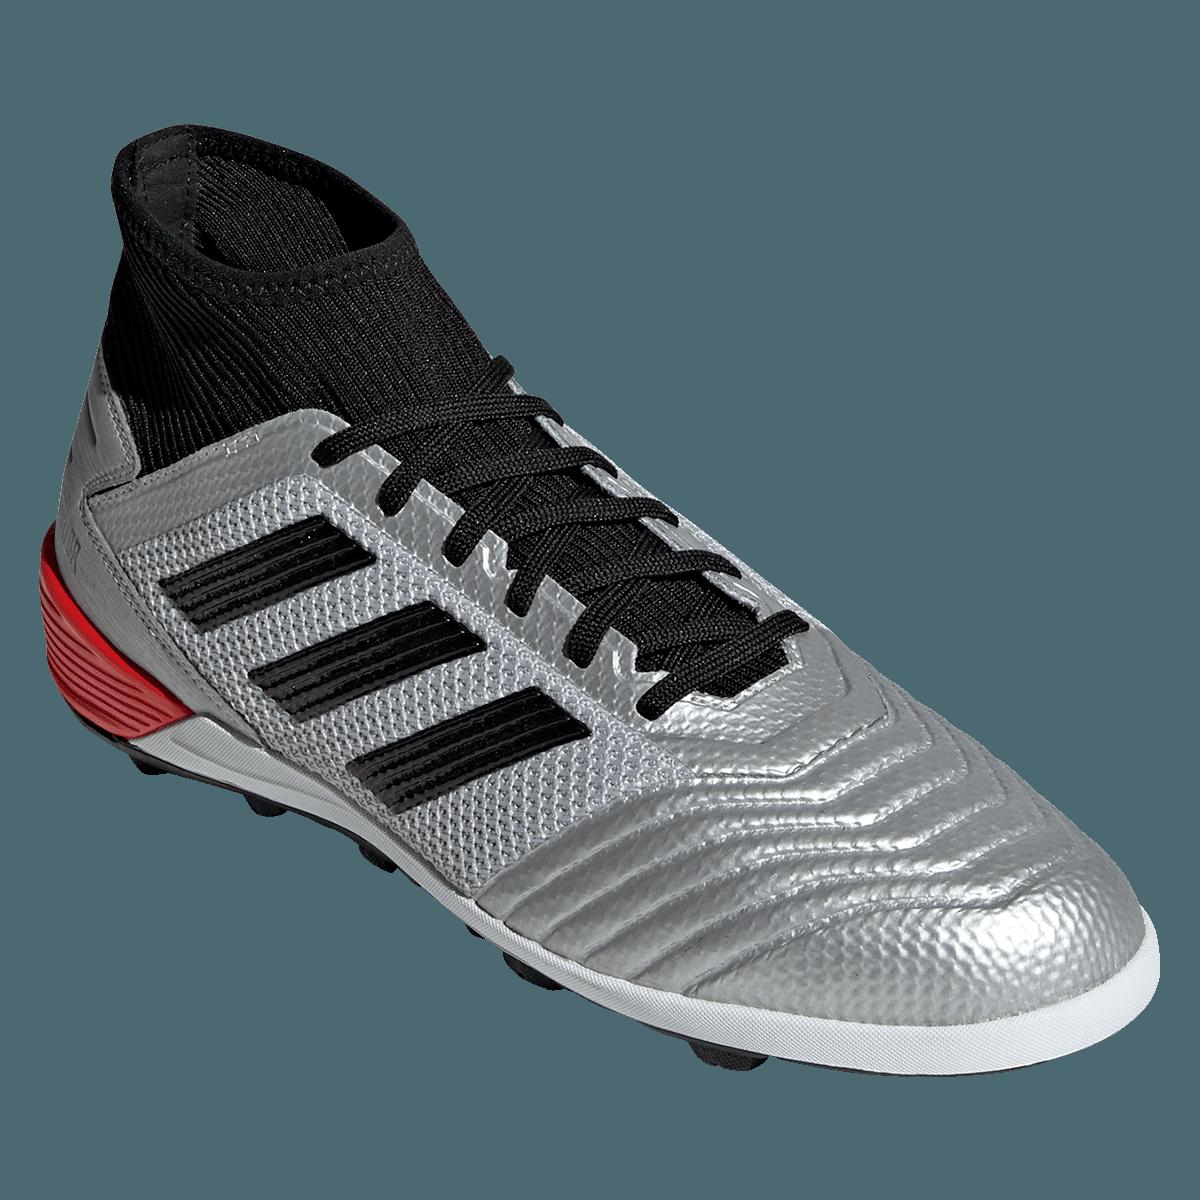 Adidas Fussballschuh Predator 19 3 Tf Kunstrasen Silber Schwarz